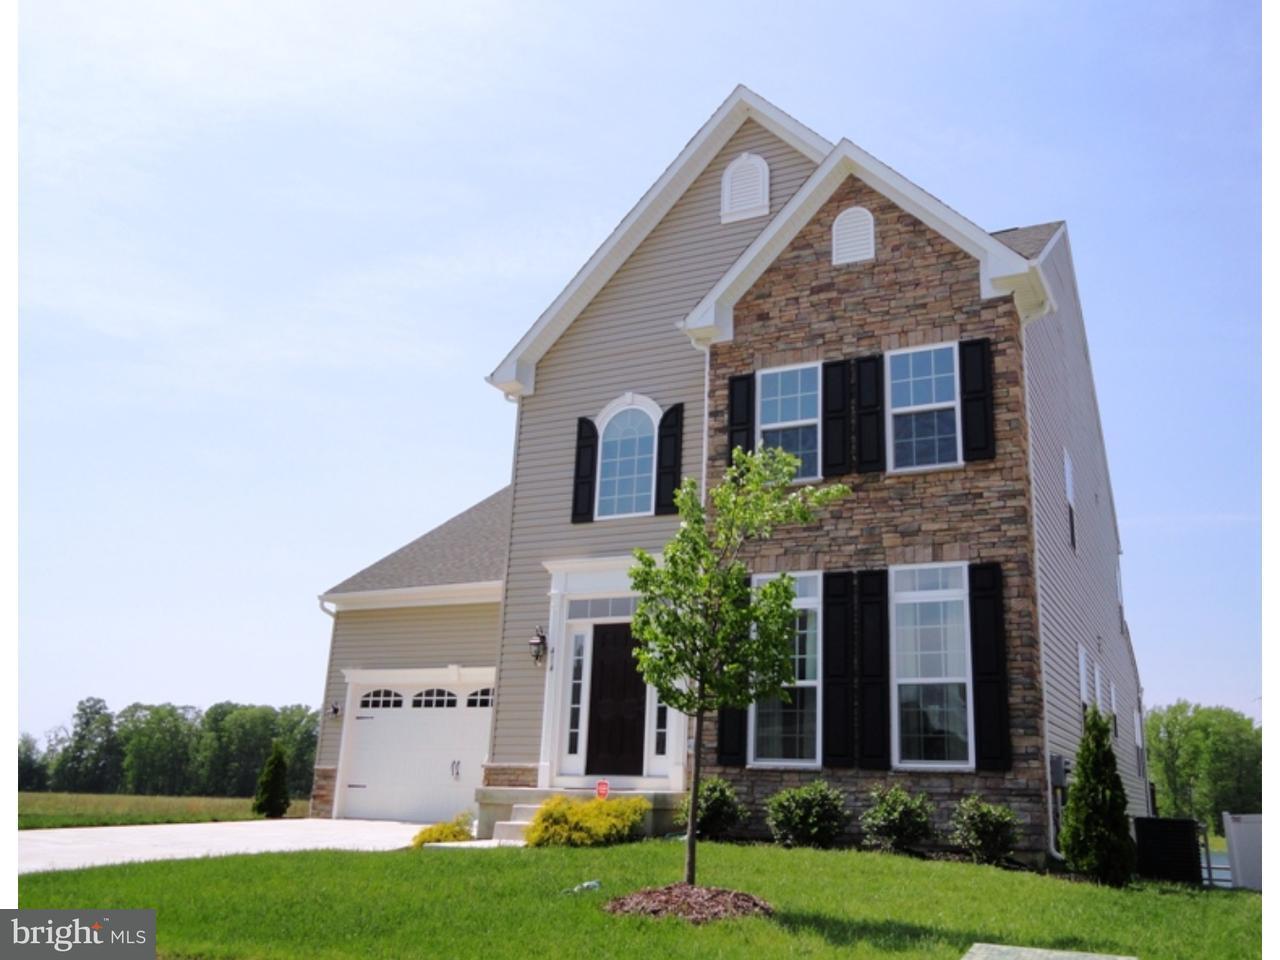 Casa Unifamiliar por un Venta en 414 CRISPIN WAY Glassboro, Nueva Jersey 08028 Estados Unidos